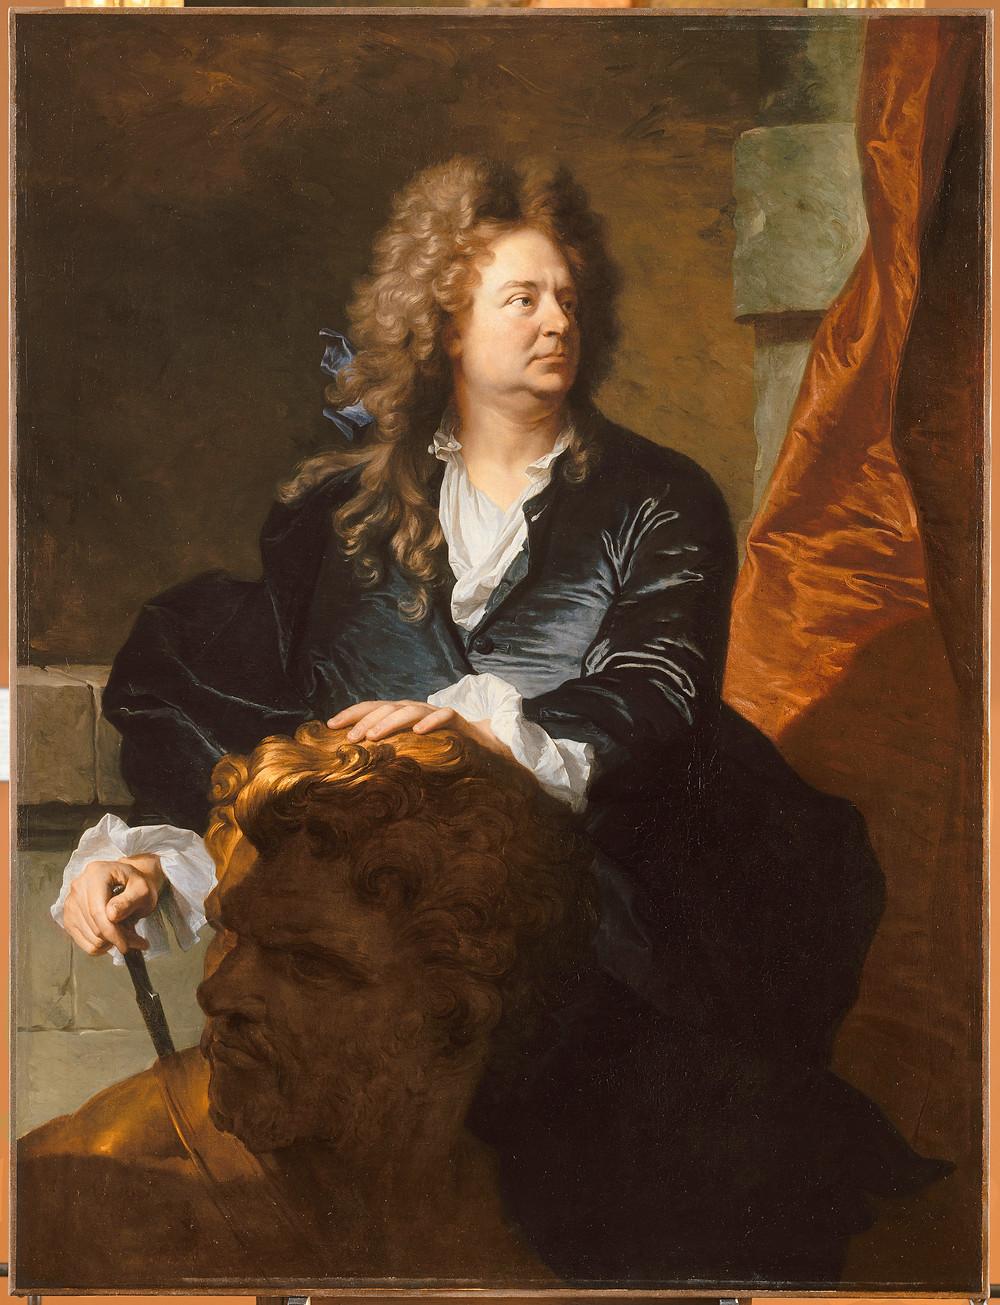 Hyacinthe Rigaud, Portrait de Martin Desjardins, 1700, Paris, musée du Louvre, inv. 7511